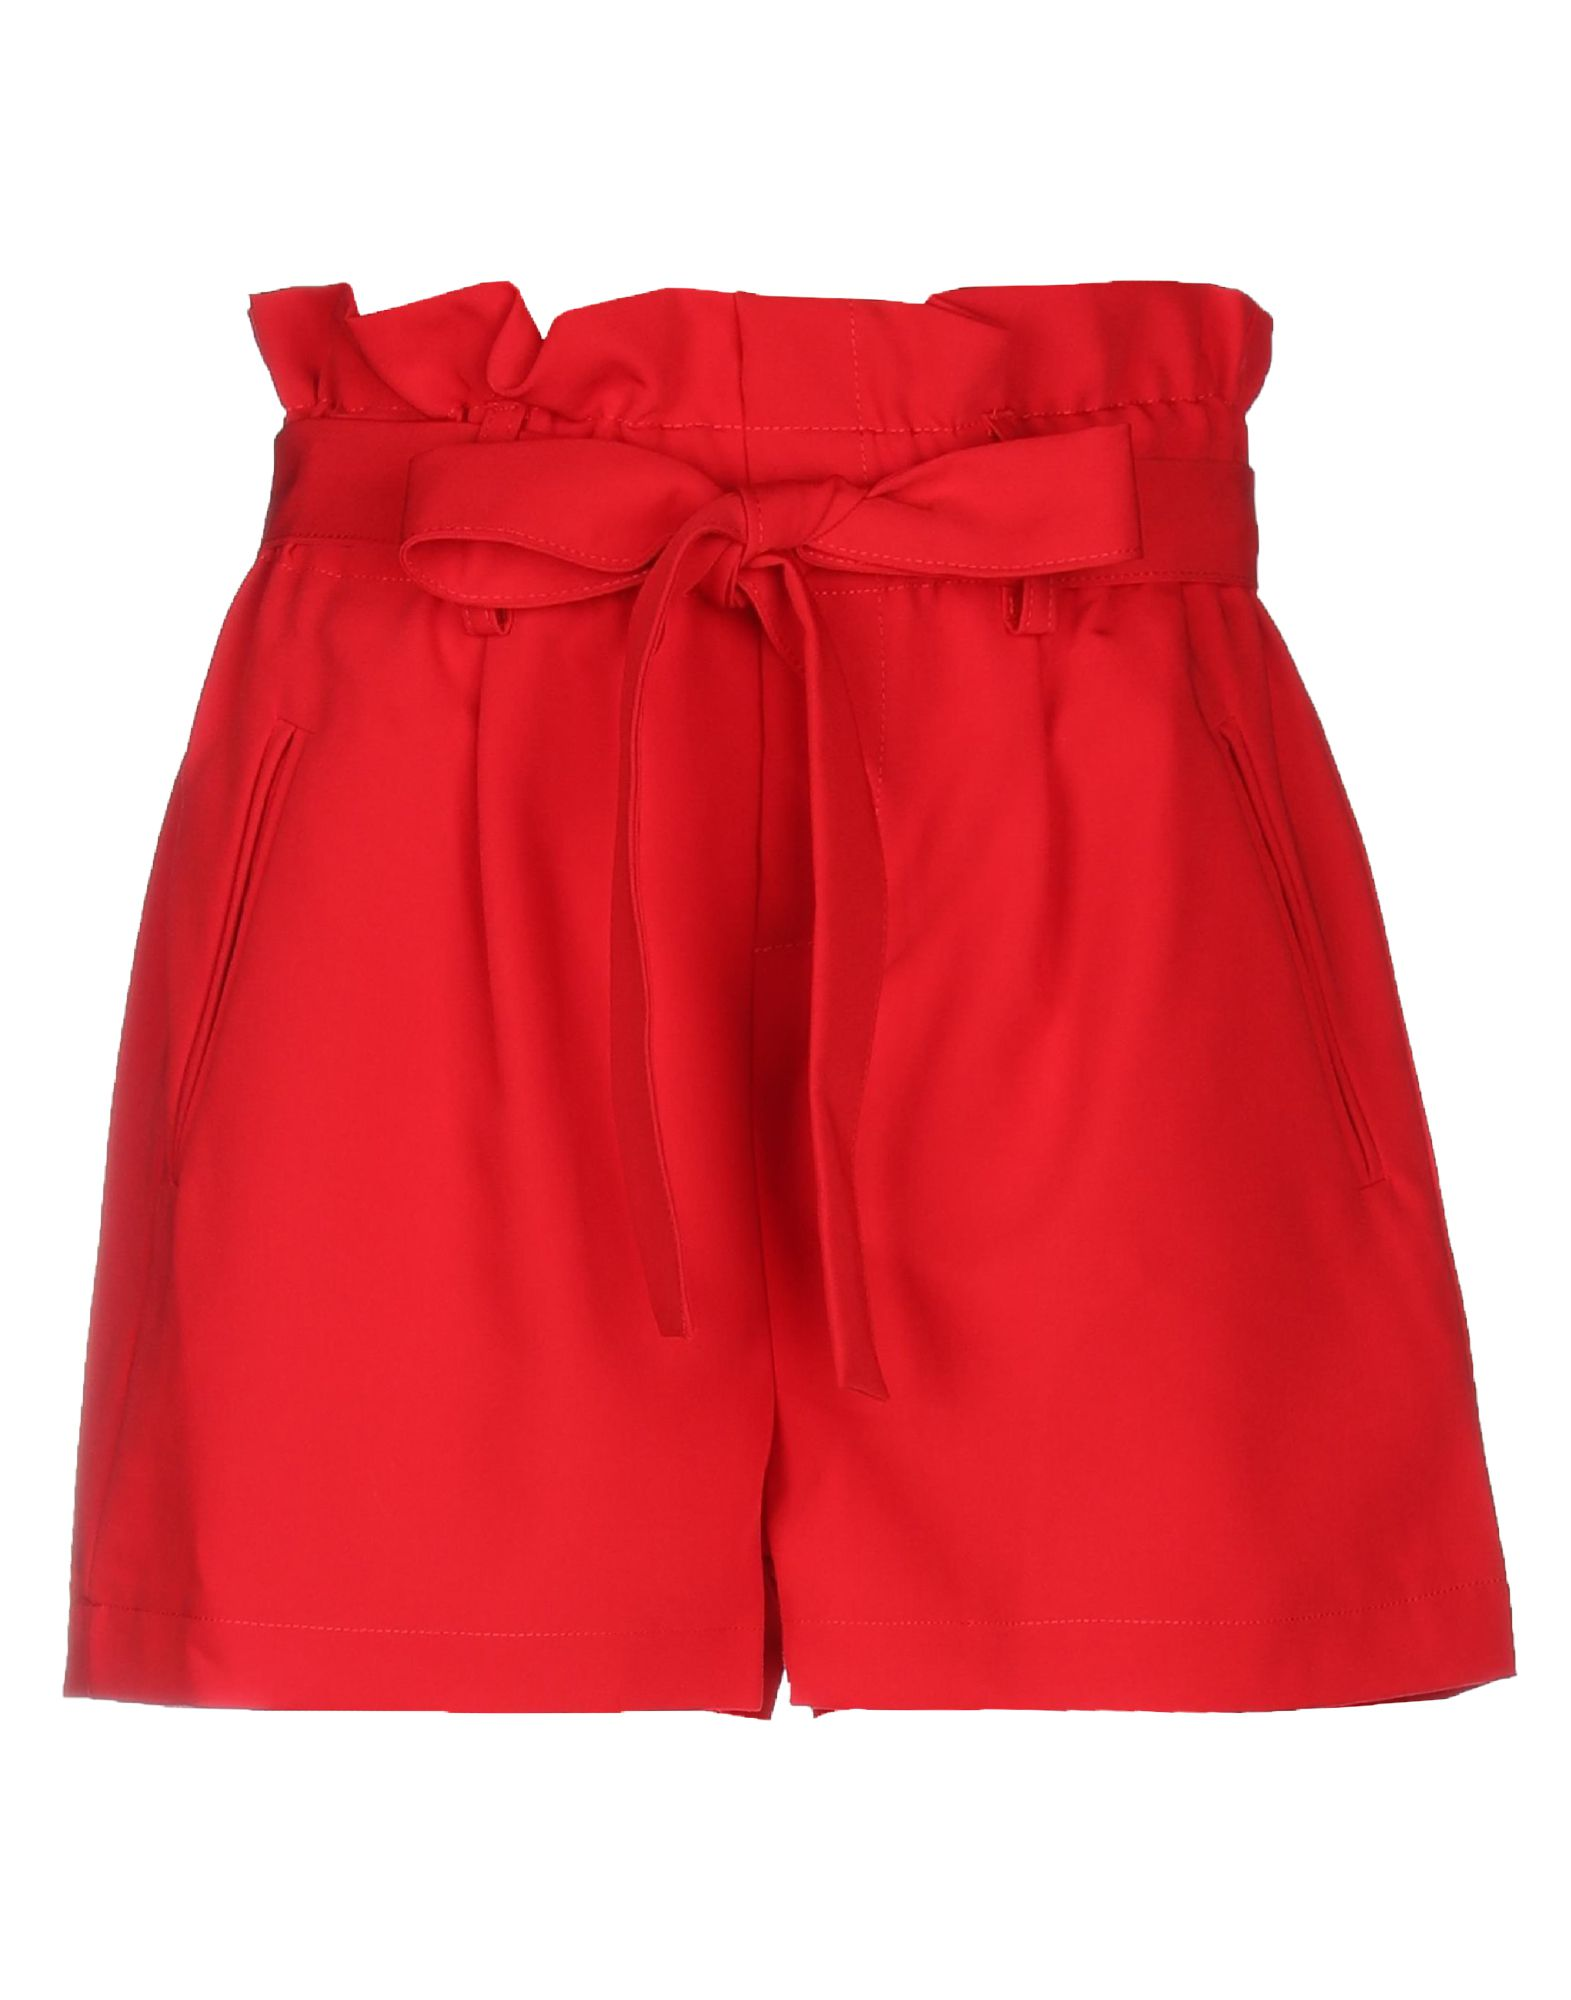 ODI ET AMO Повседневные шорты трусы шорты женские luiet